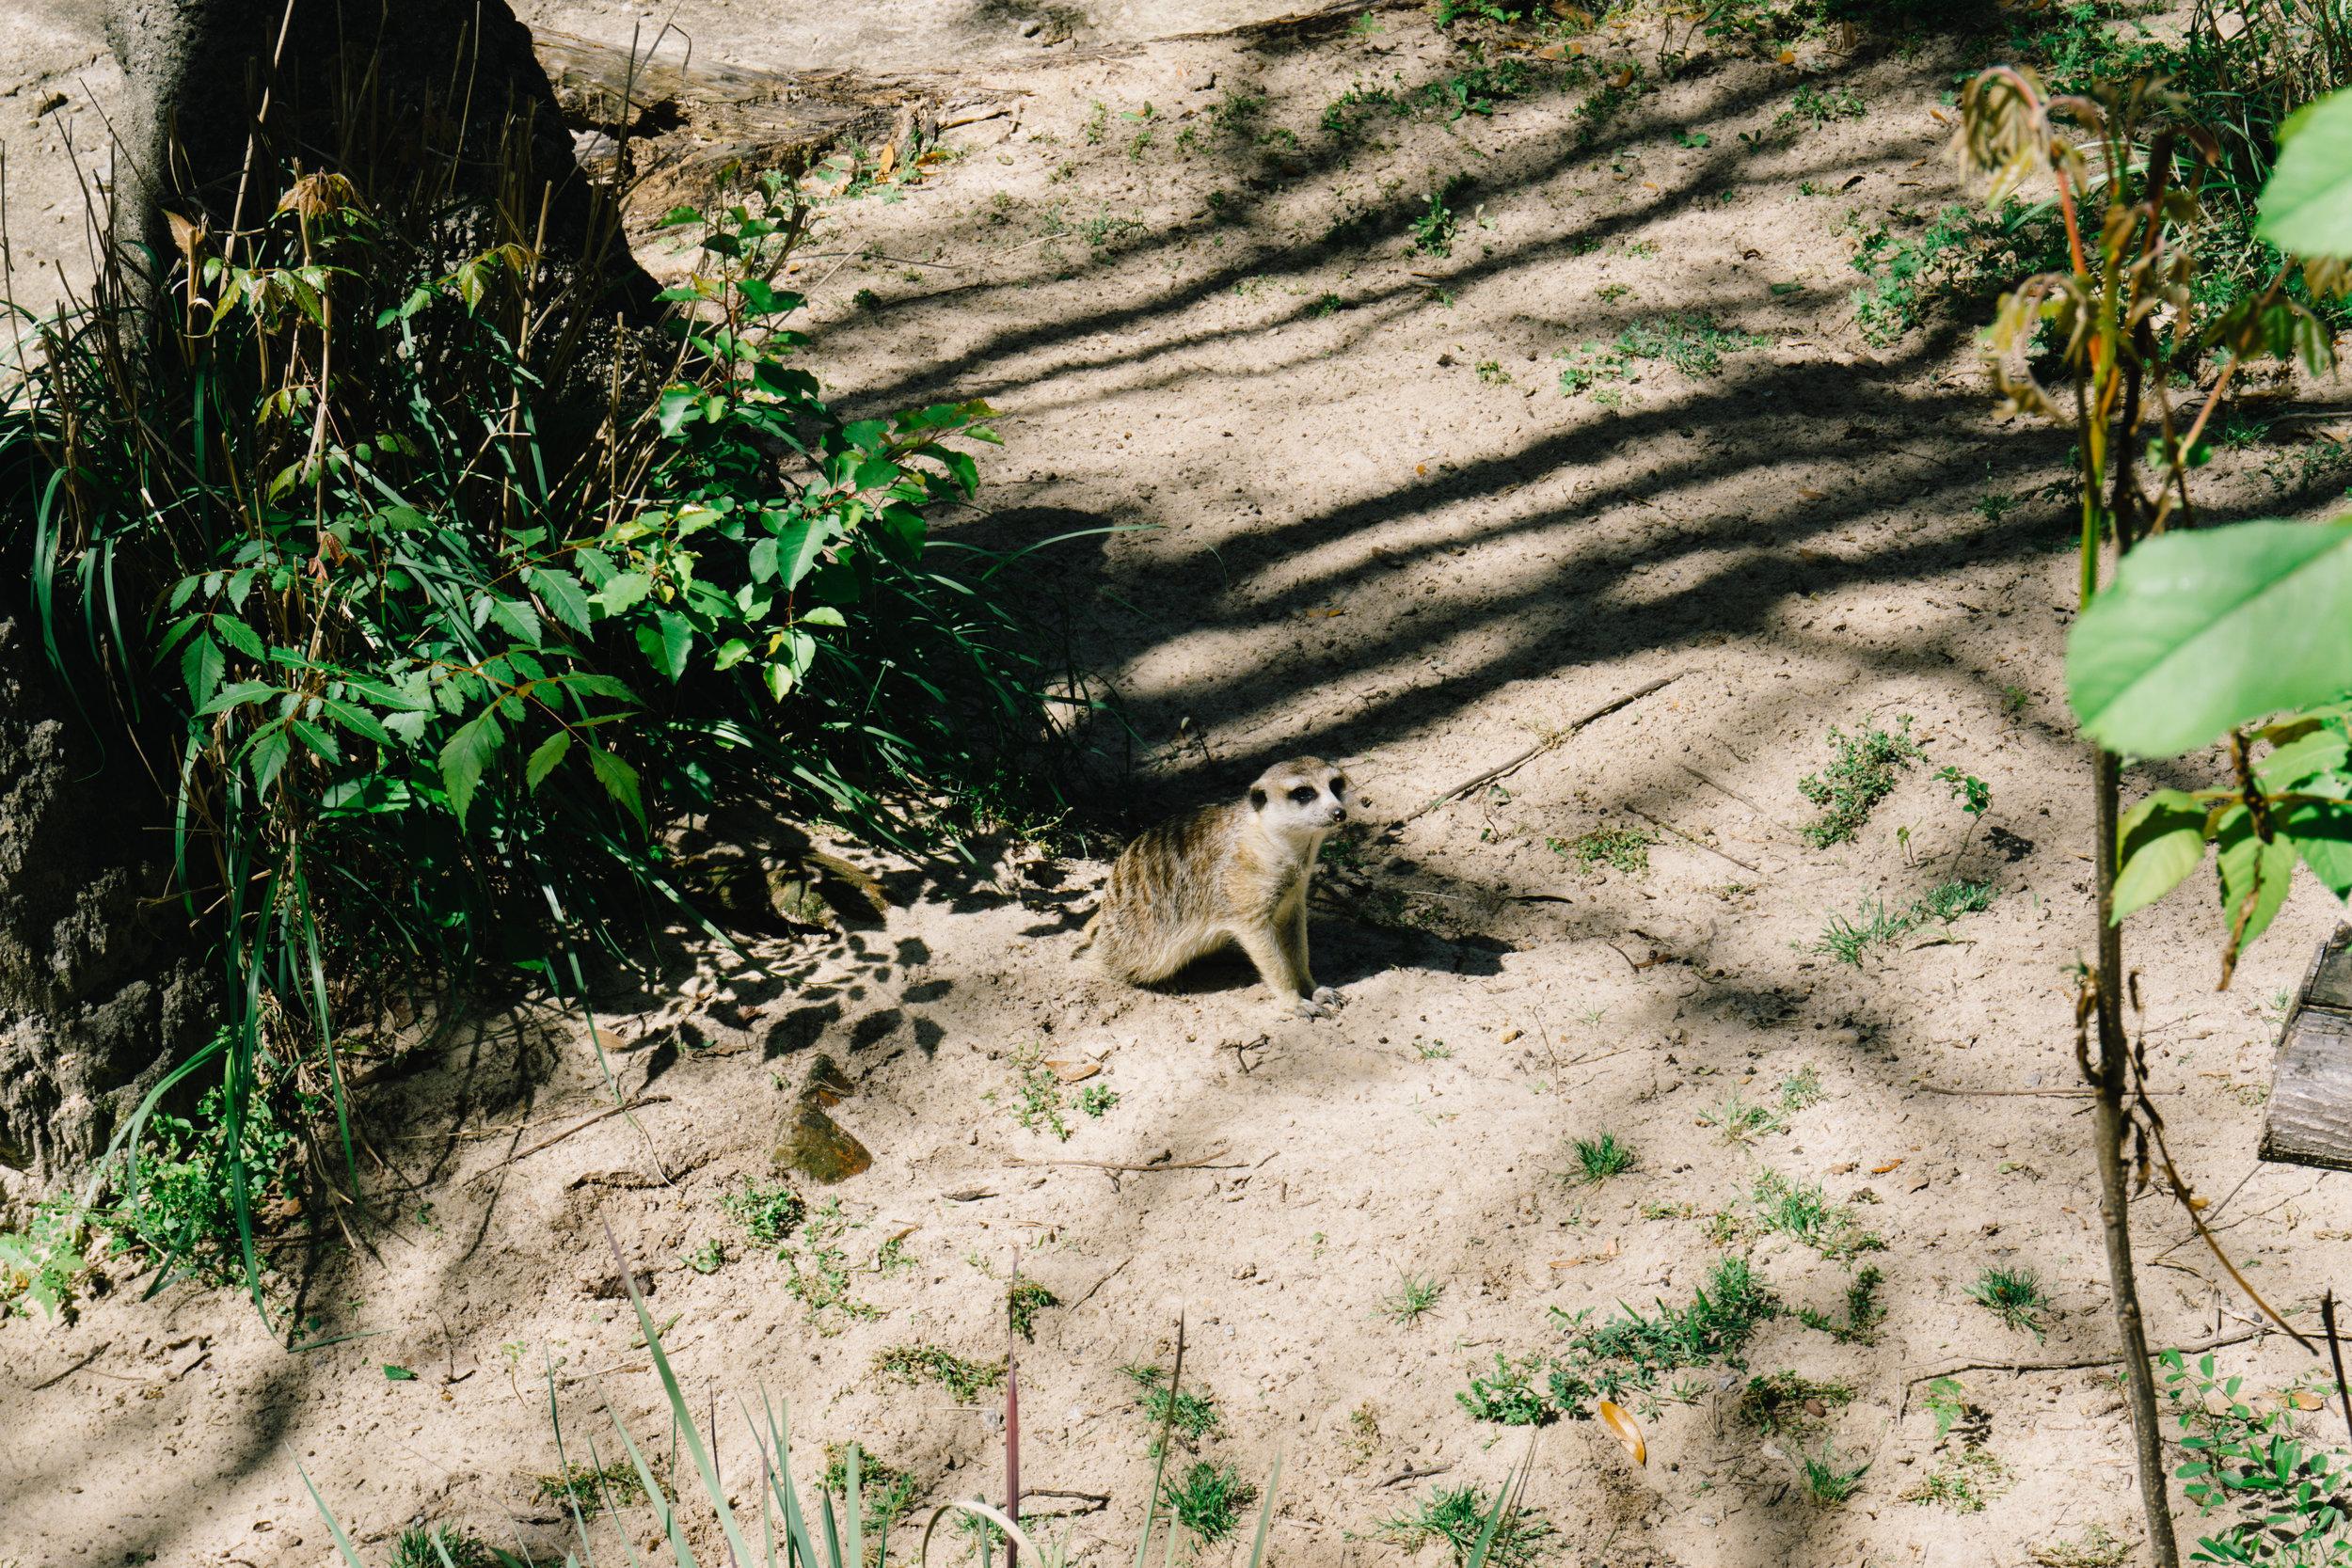 Meerkat at Riverbanks Zoo